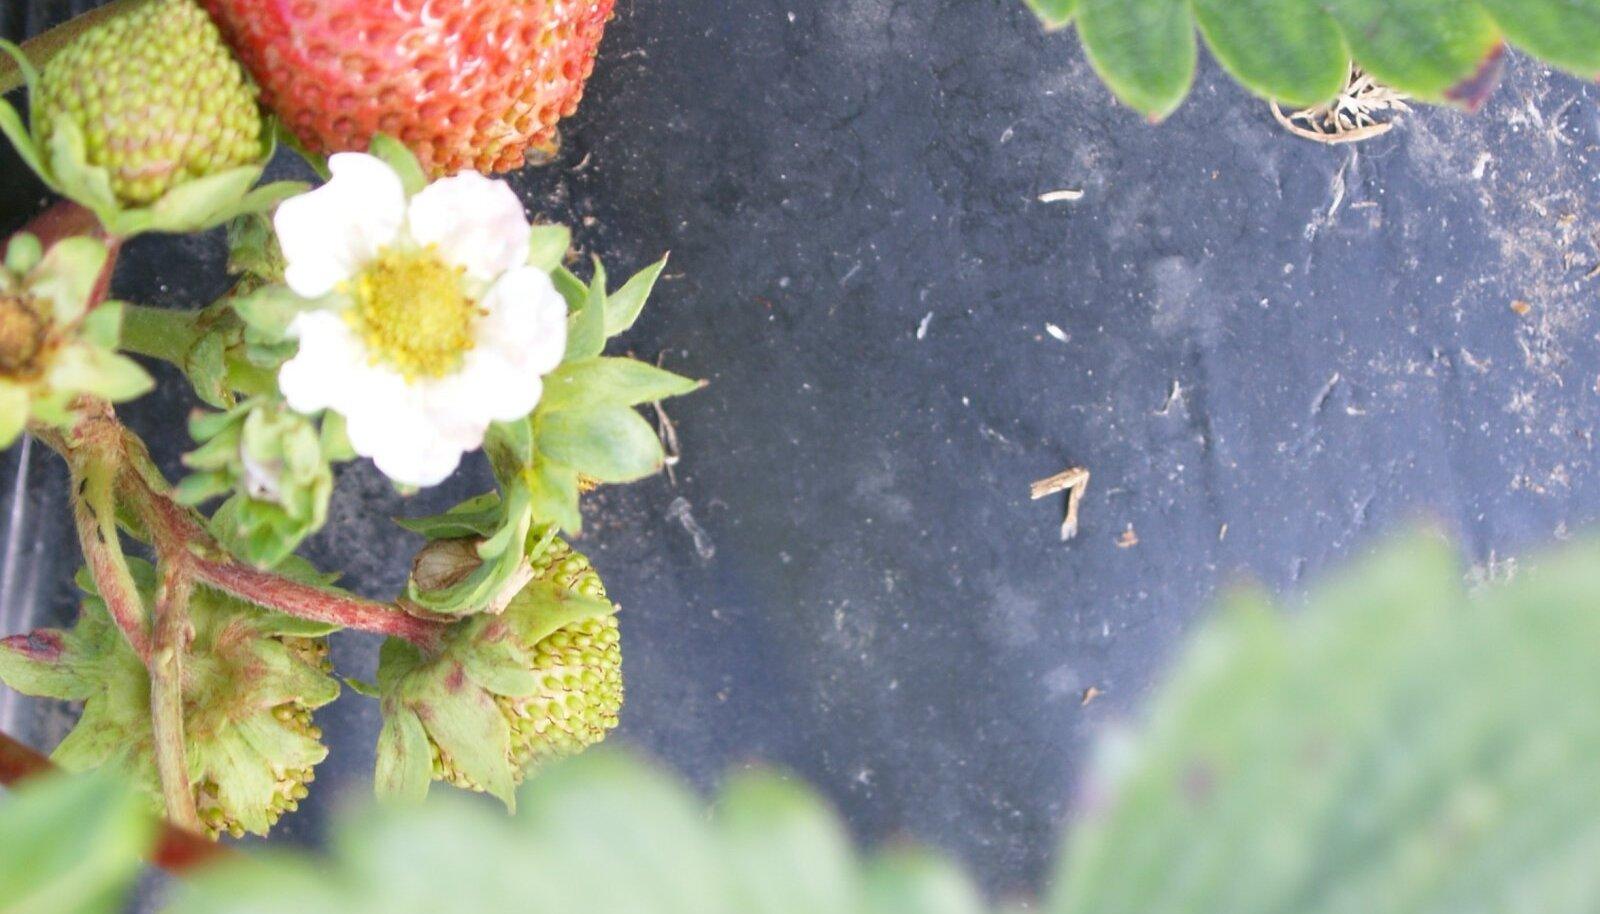 Rohulutika tegevuse tagajärjel on vilja tippu moodustunud seemniste kogum.